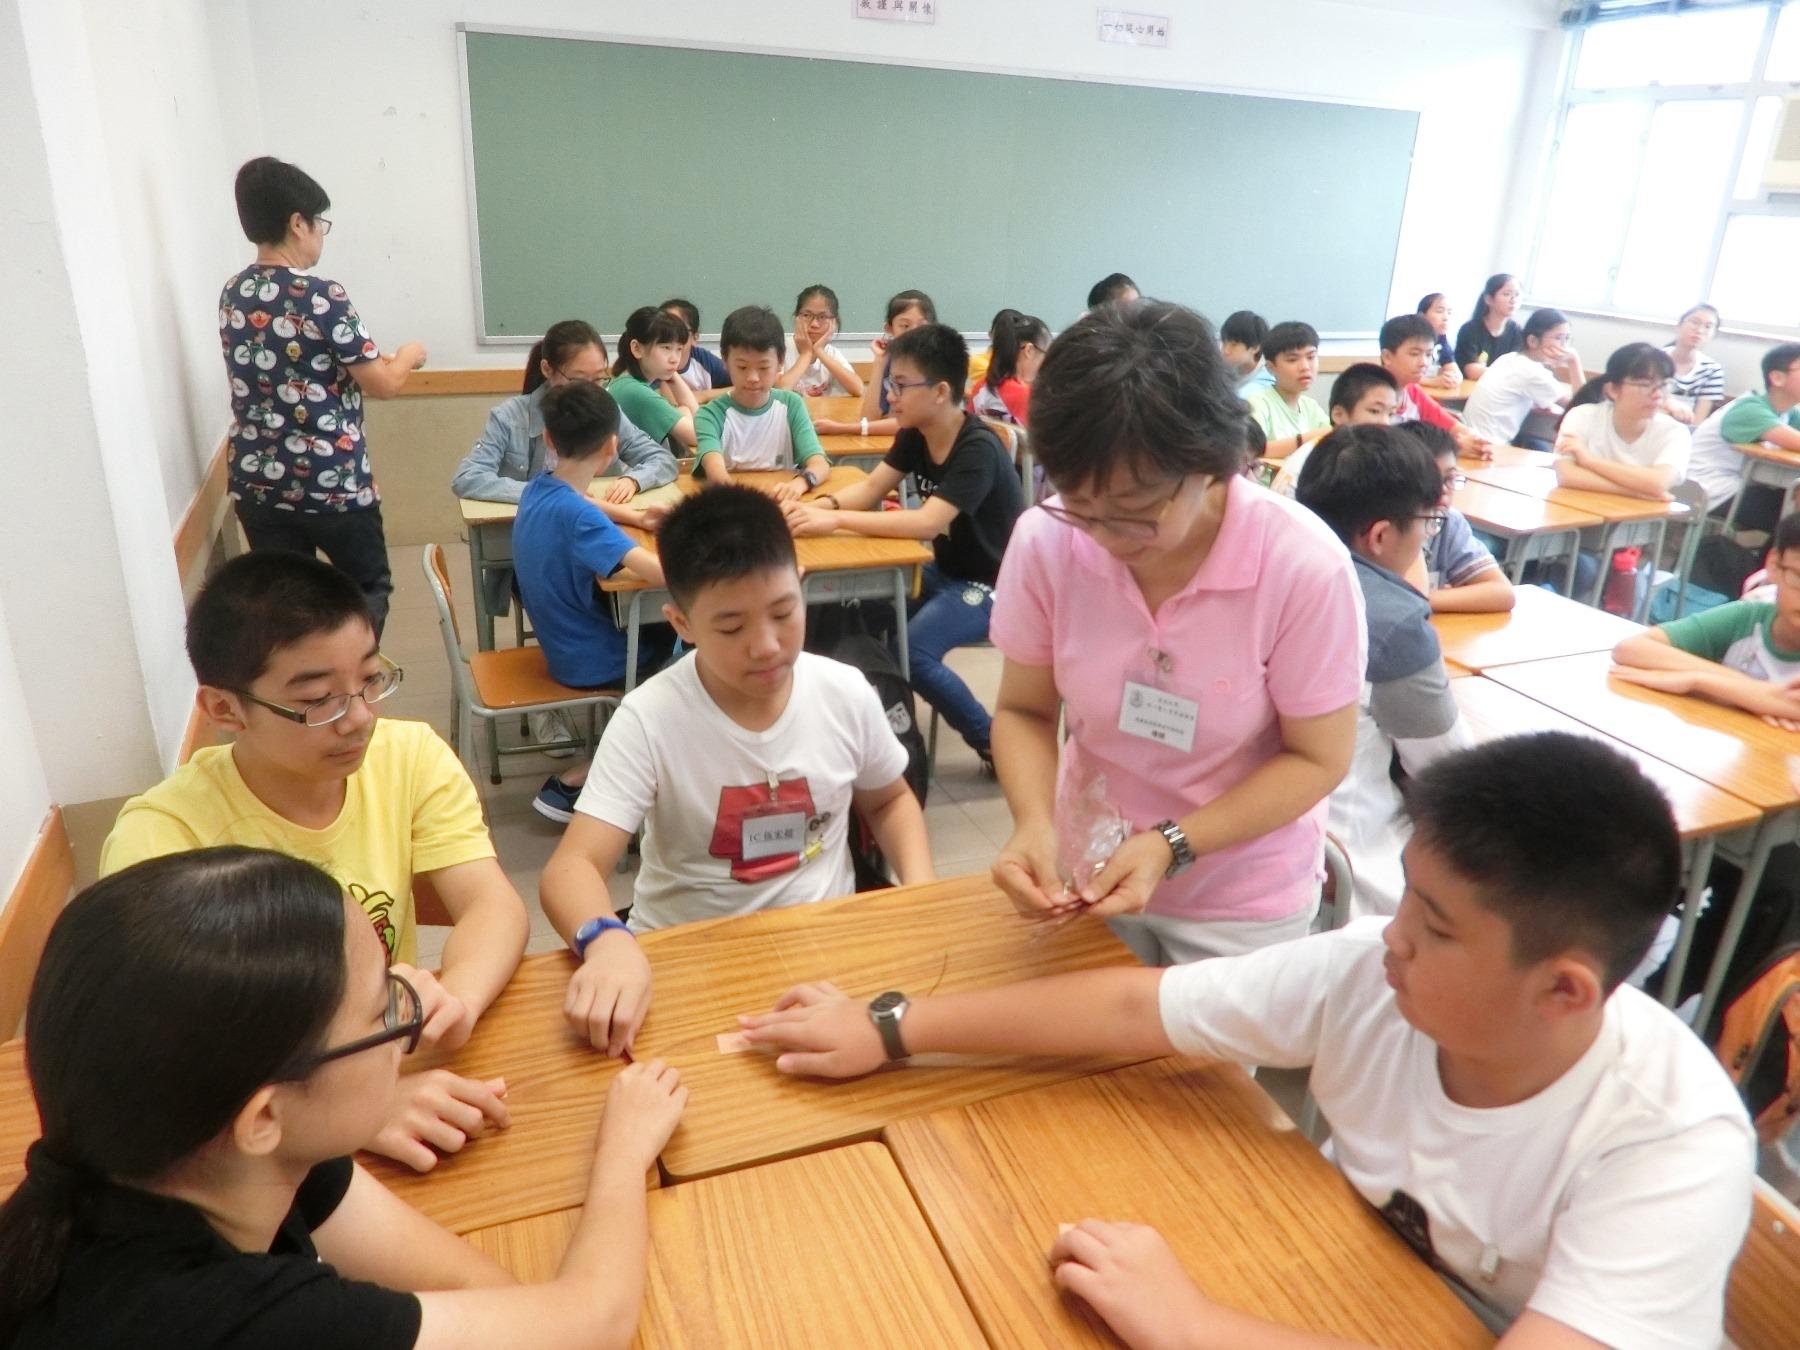 https://www.npc.edu.hk/sites/default/files/1c_qu_wei_xiao_shi_yan_02.jpg